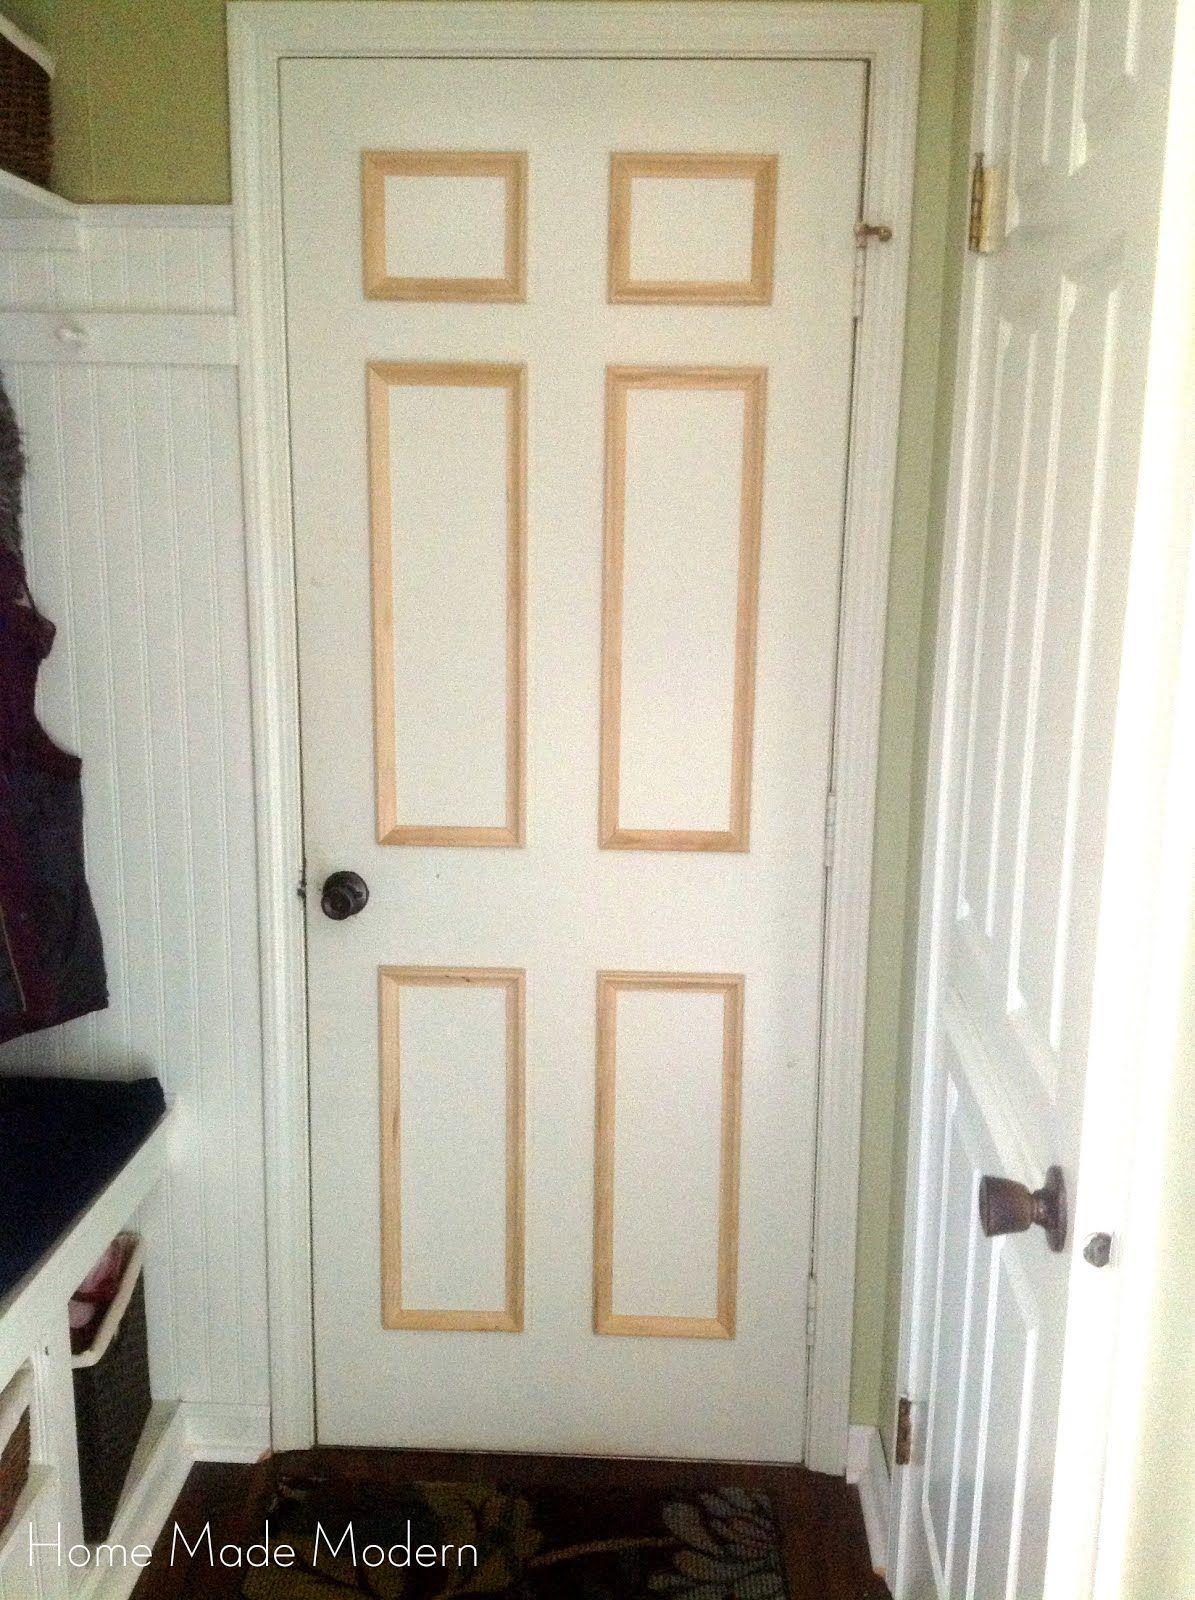 Flat To Traditional Raised Panel Door Home Made Modern Diy Interior Doors Bifold Doors Makeover Bifold Doors